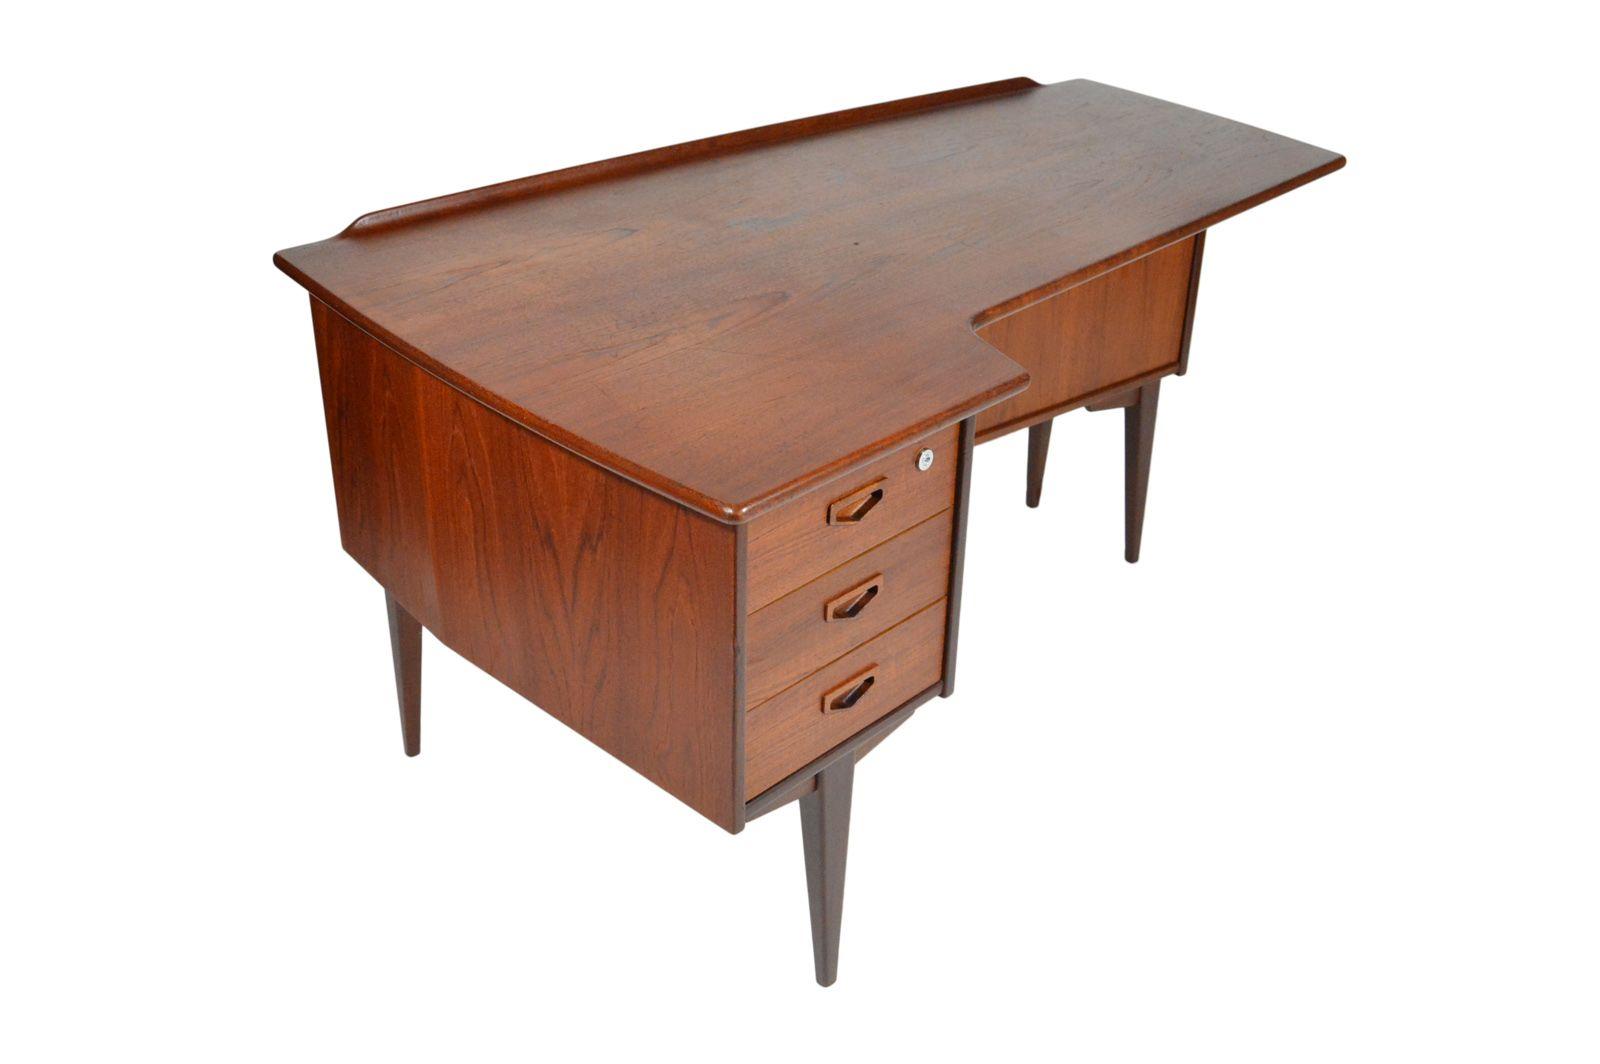 teak schreibtisch von arne vodder 1950er bei pamono kaufen. Black Bedroom Furniture Sets. Home Design Ideas